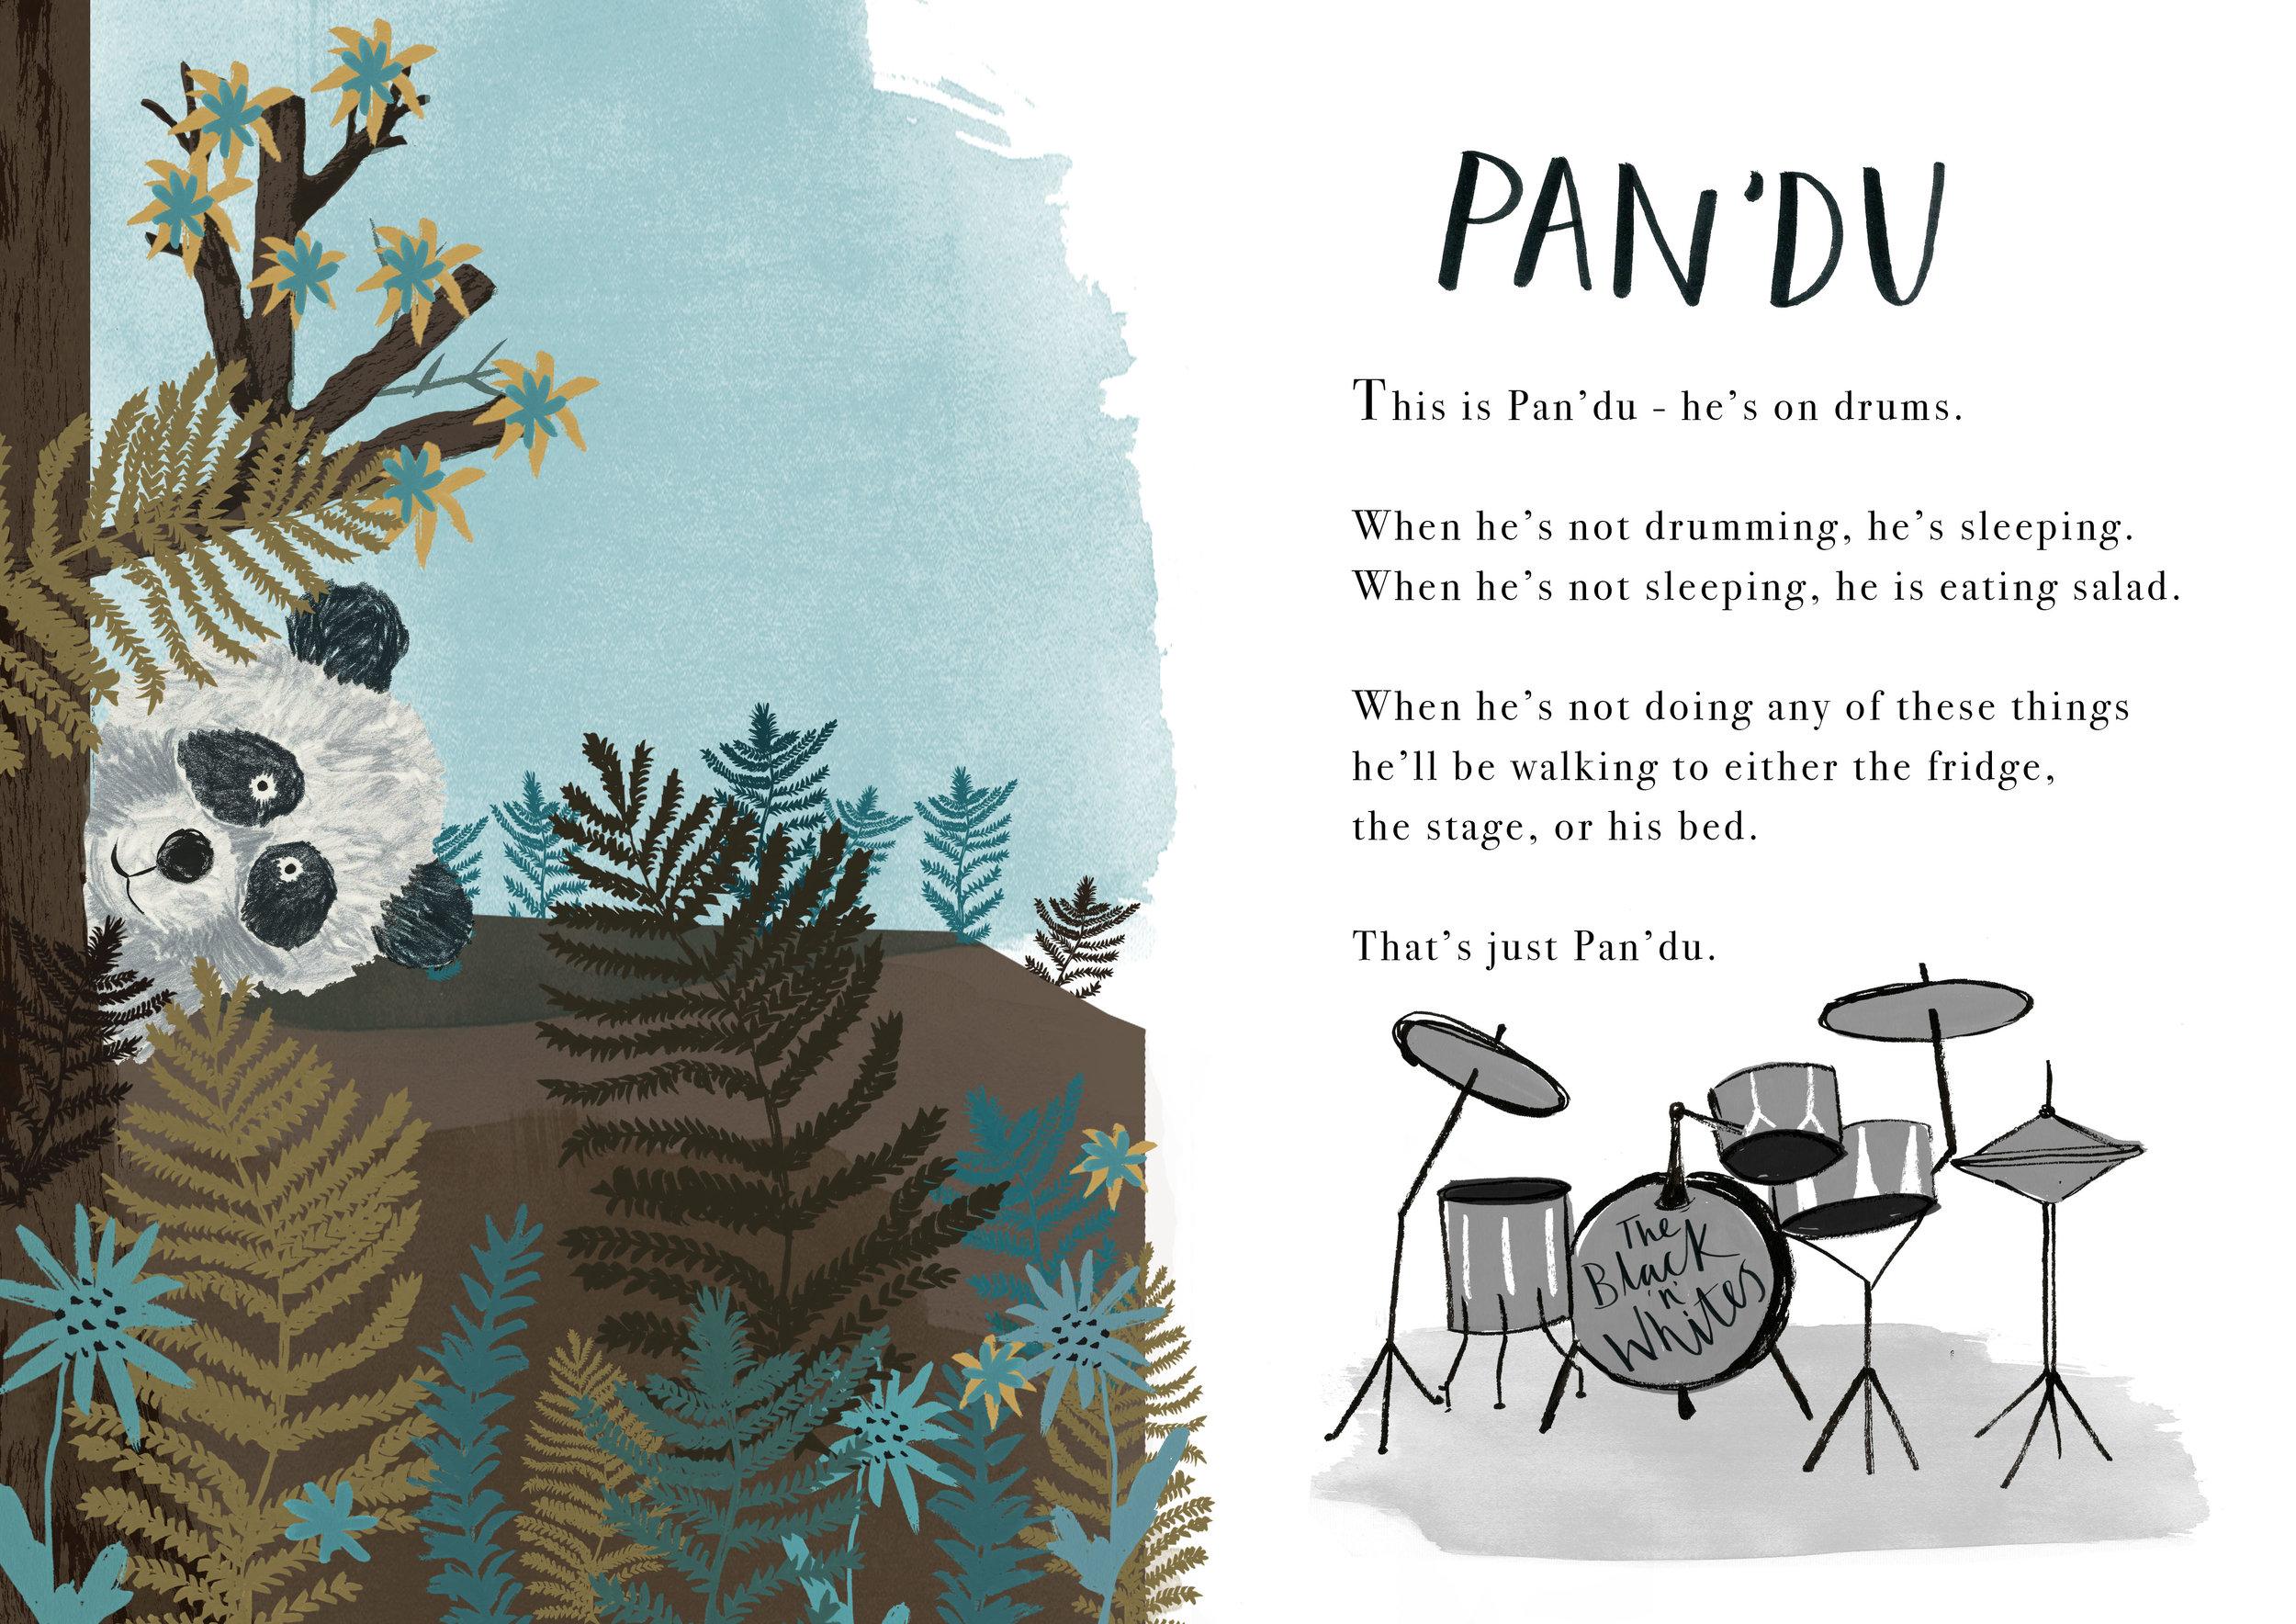 THEBLACKNWHITES_Pandu in the woods_D.jpg